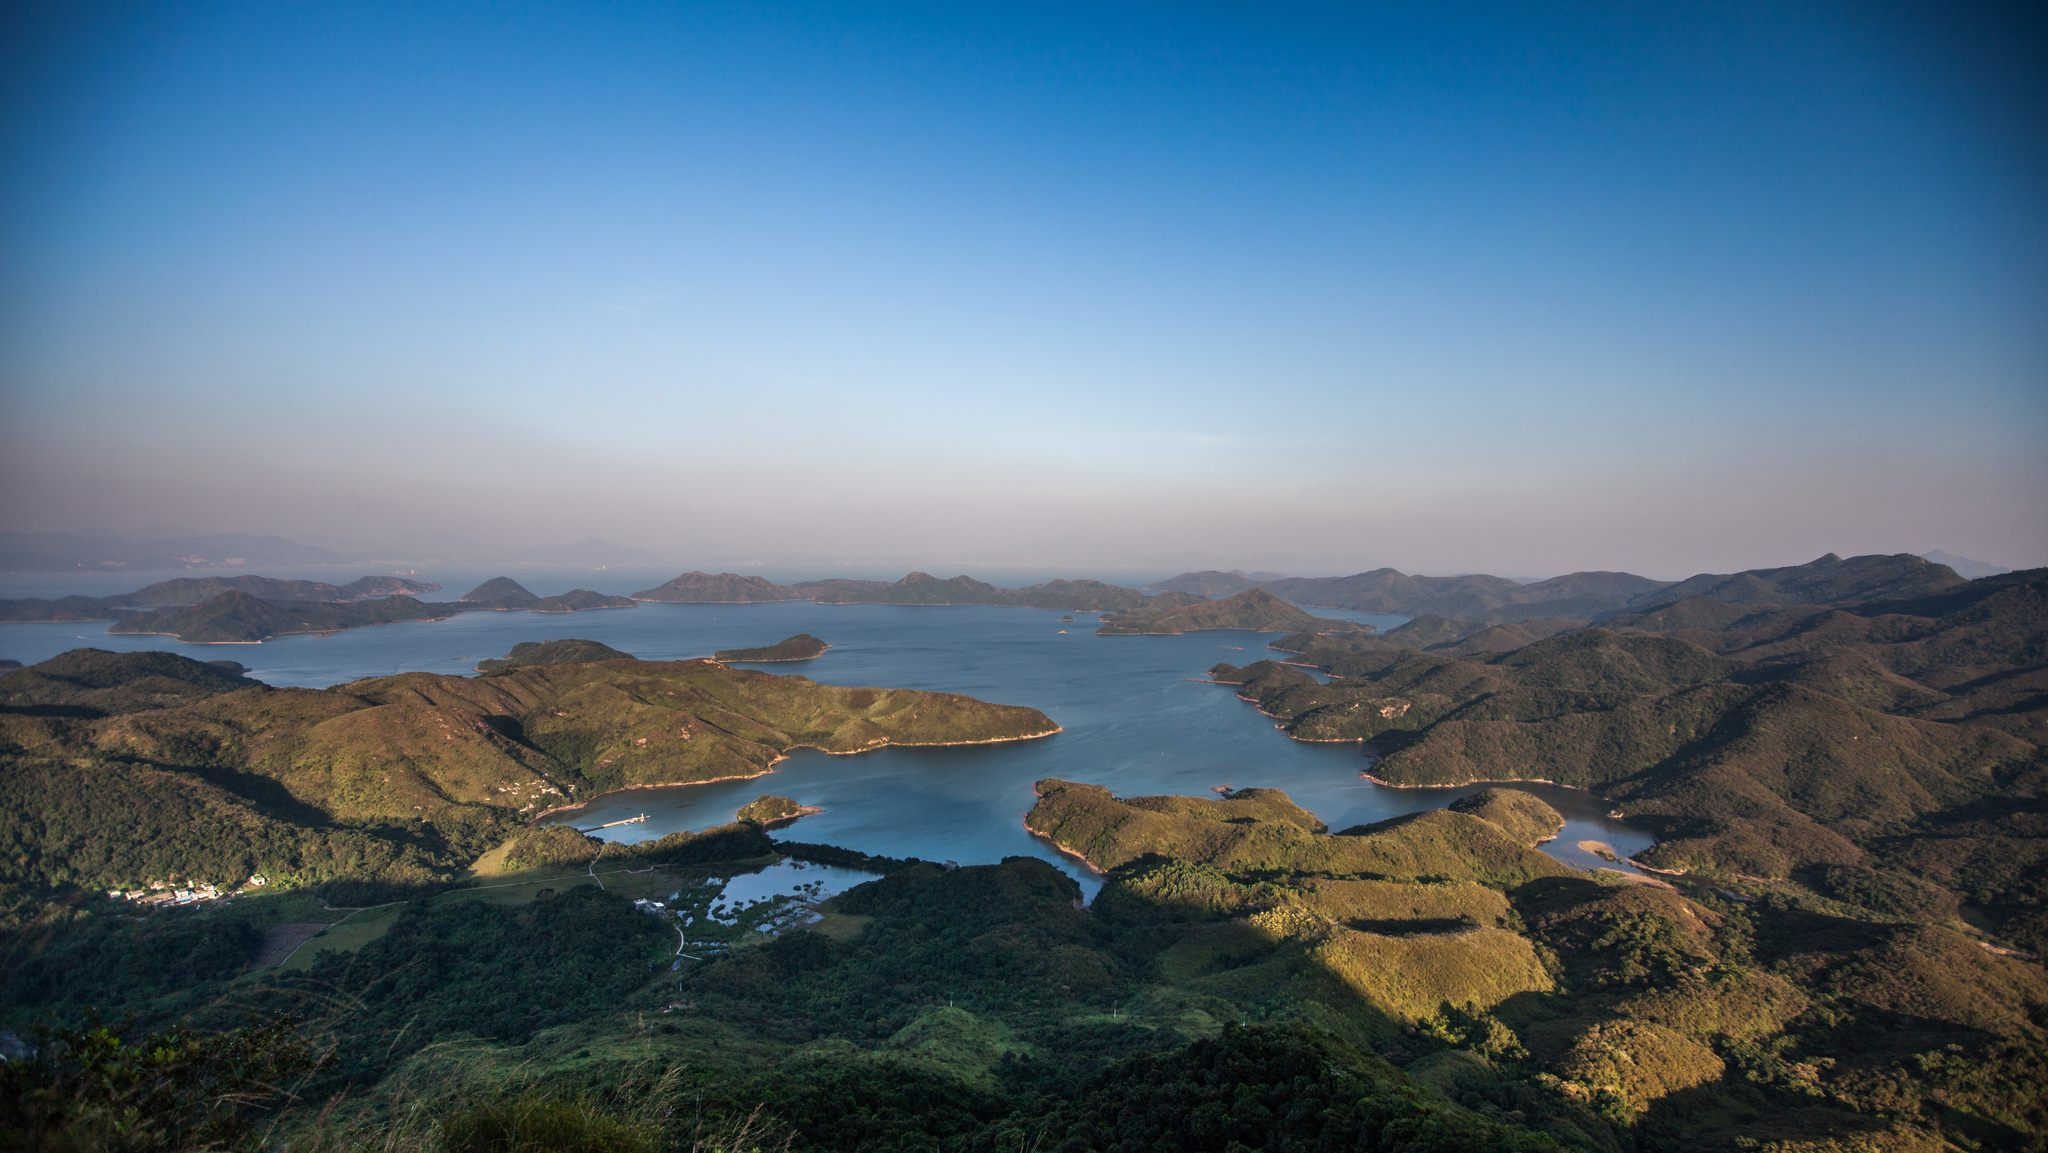 Yan Chau Tong Marine Park seen from Tiu Tang Lung | 吊燈籠眺望印洲塘海岸公園